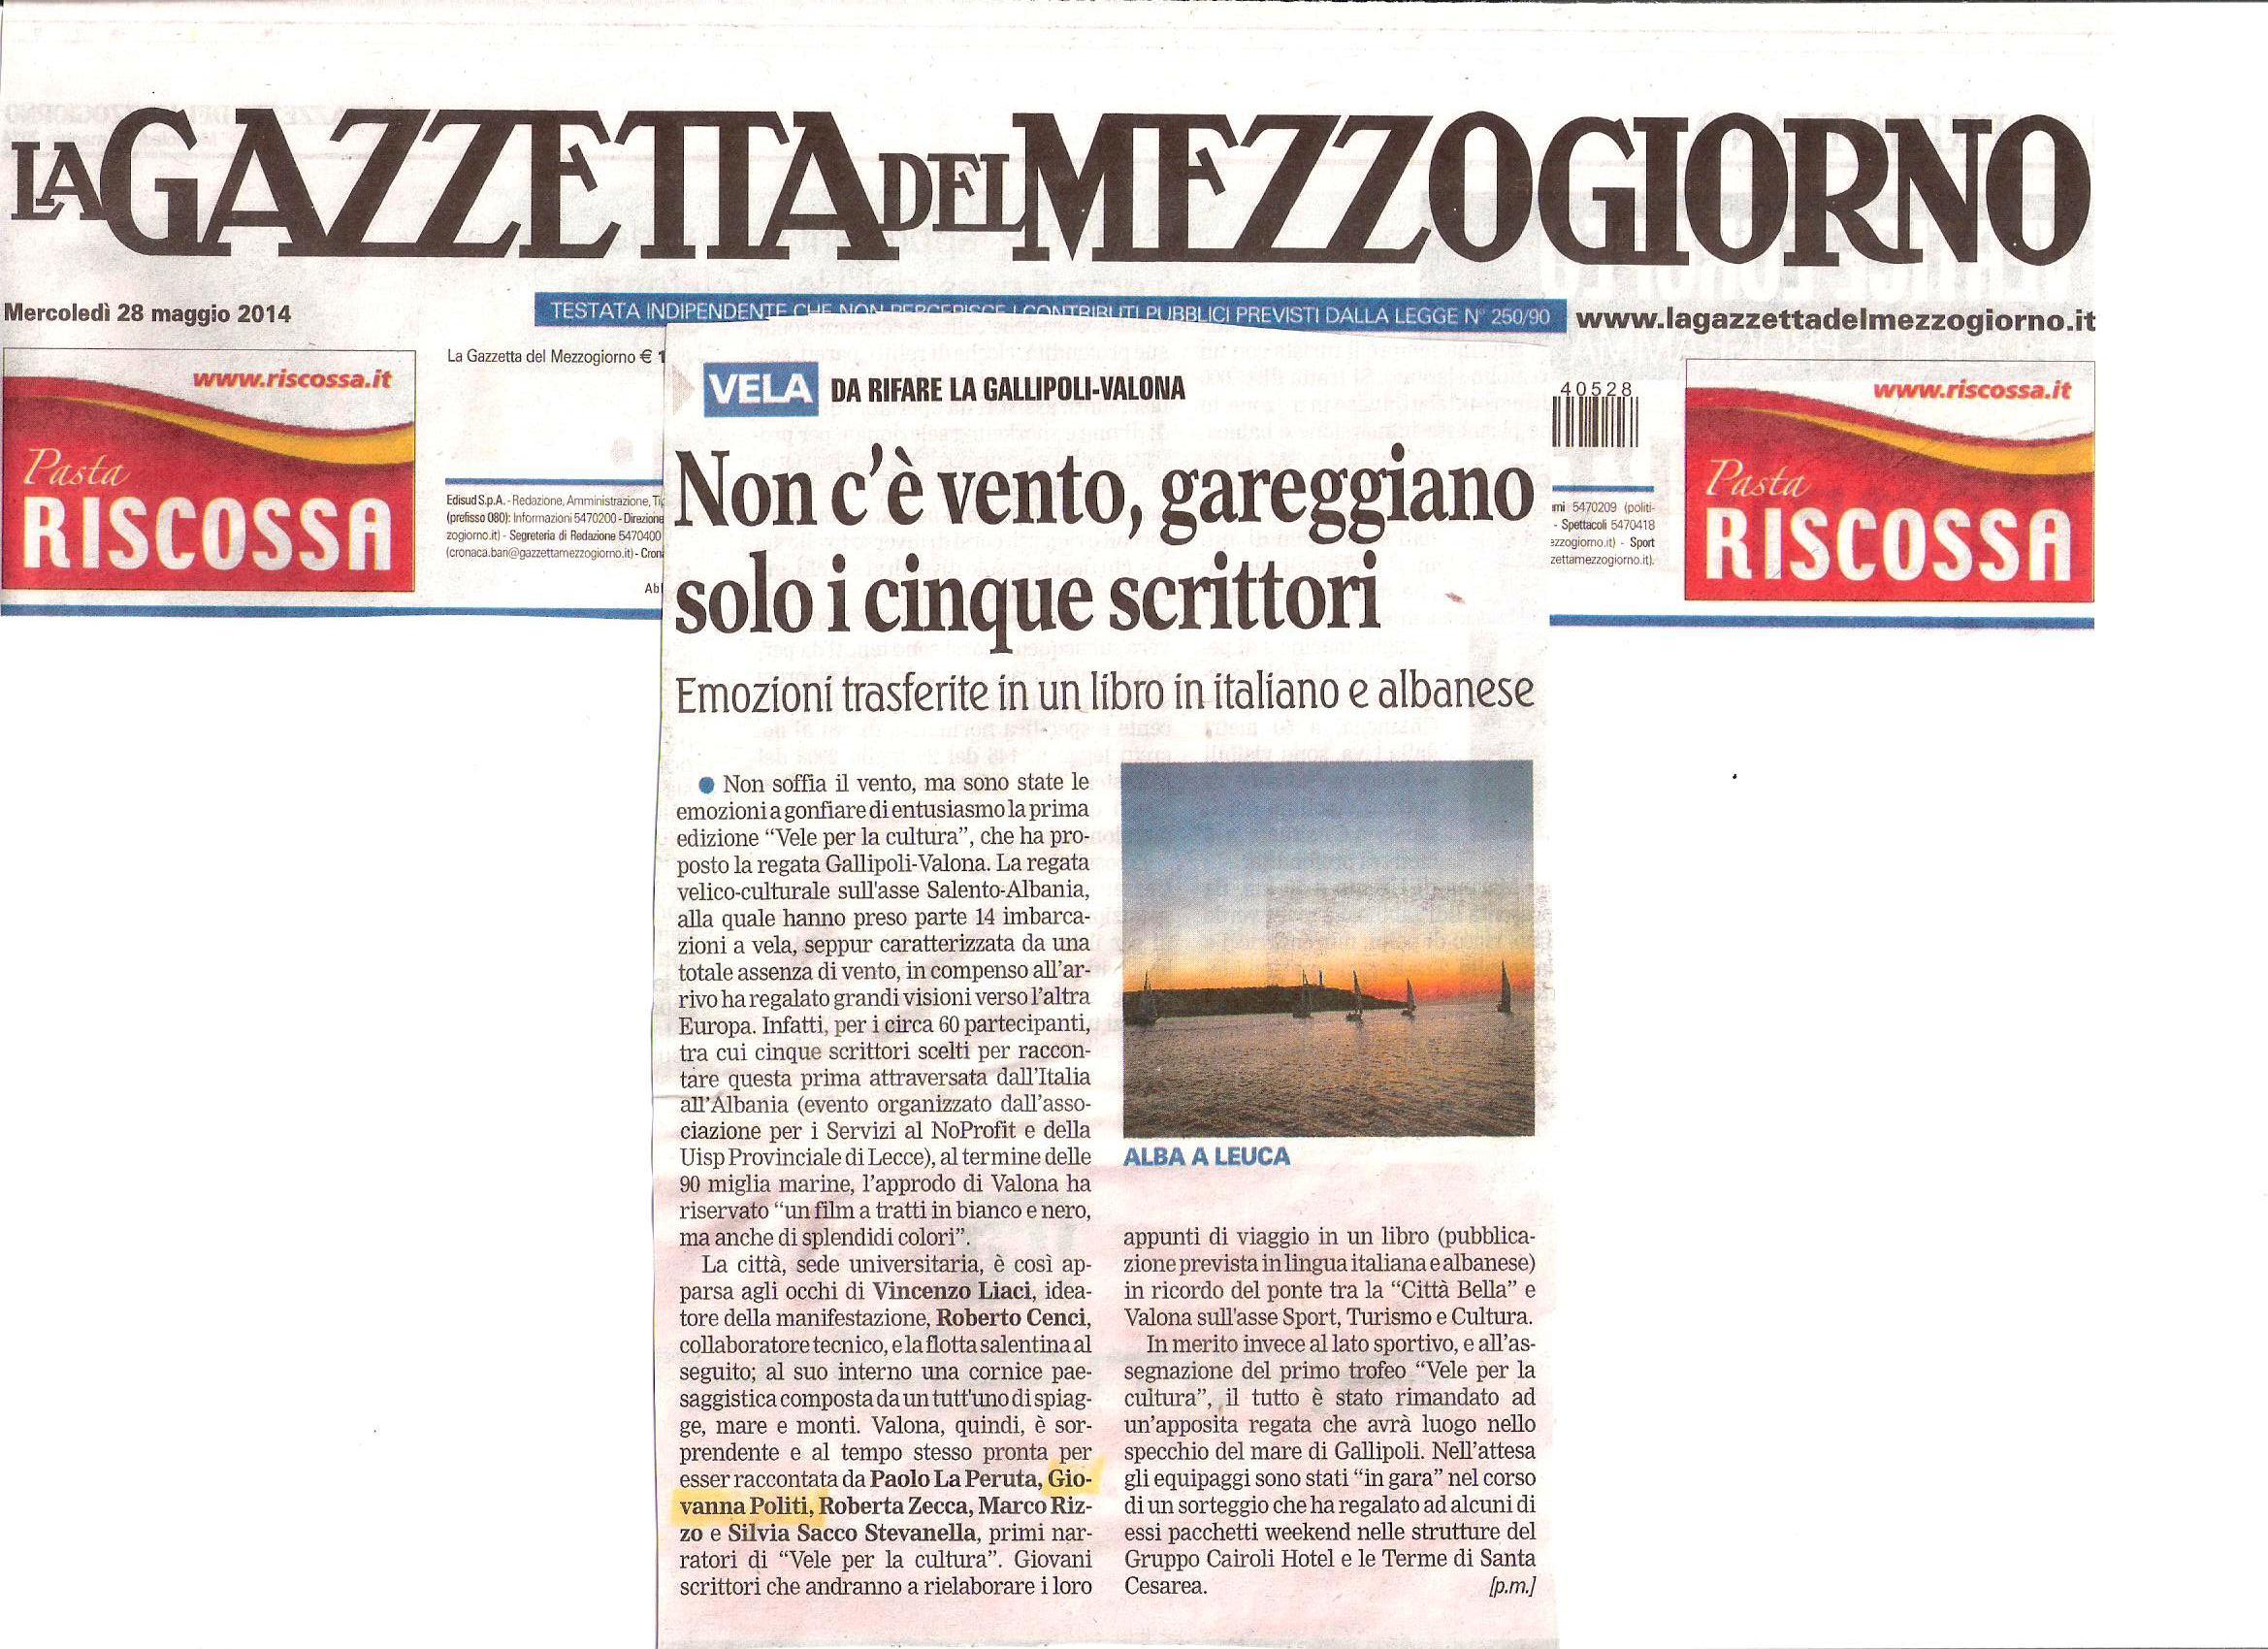 la Gazzetta 14 maggio 2014